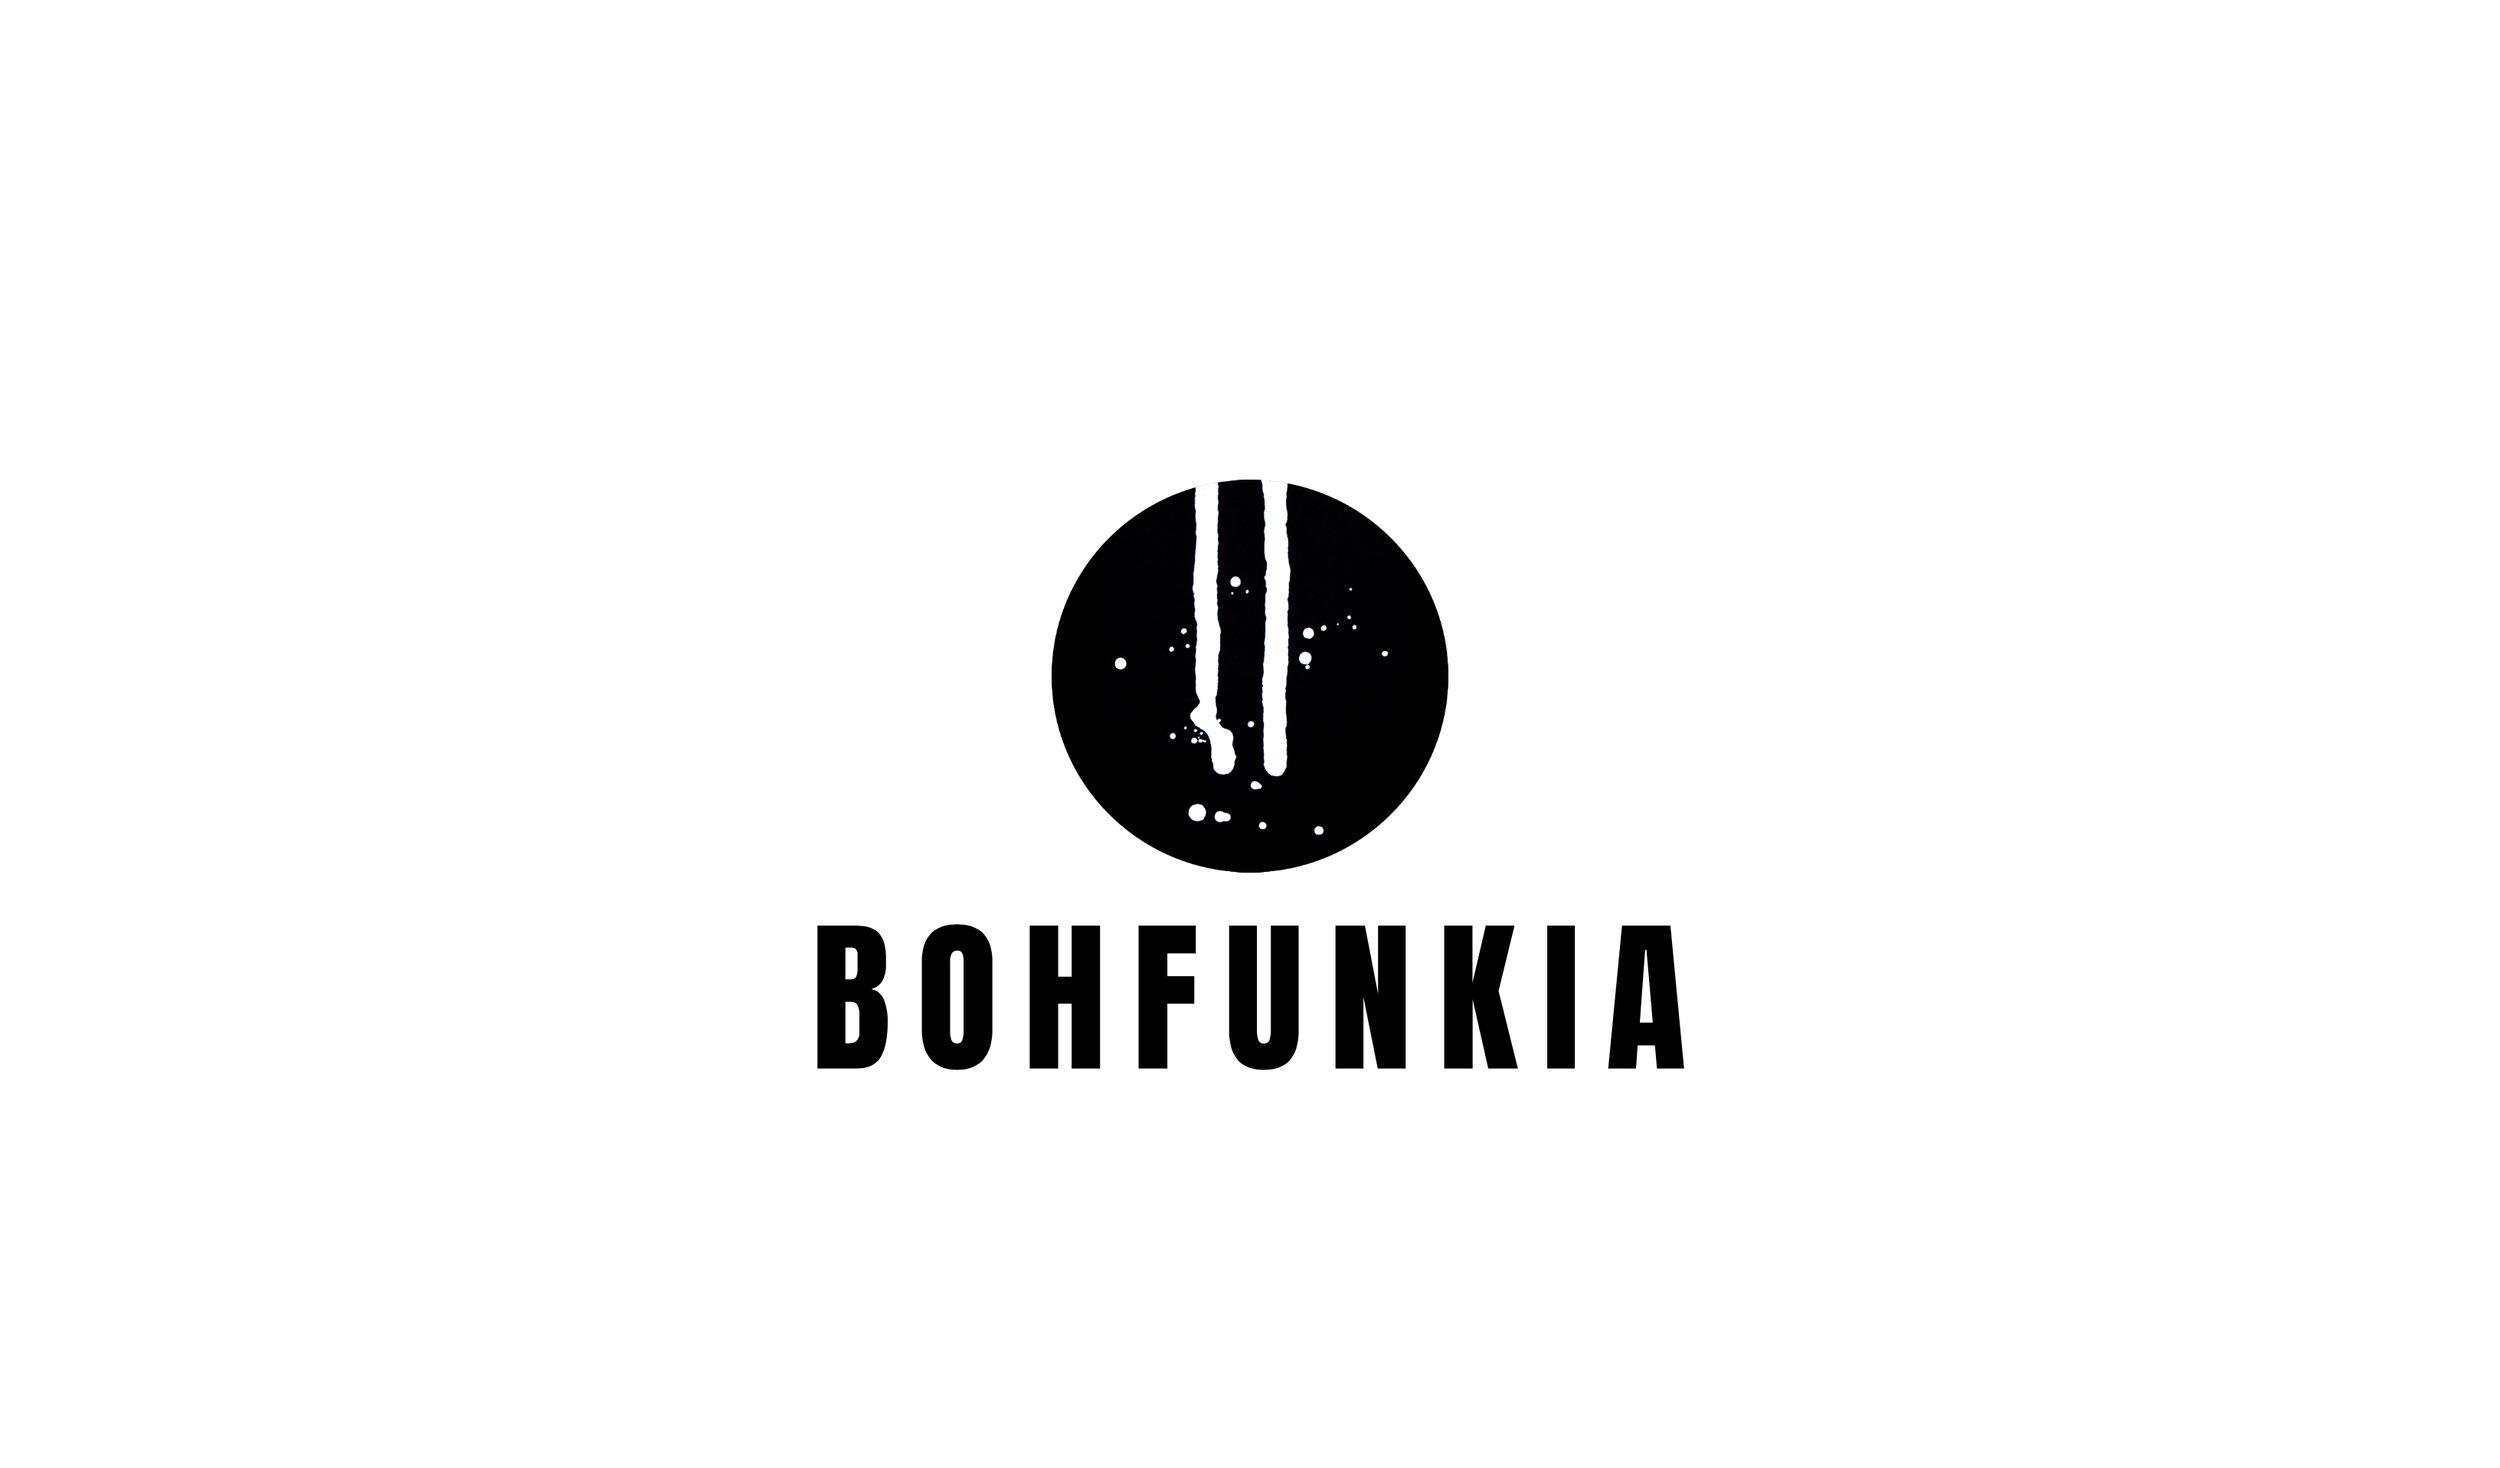 bohfunkia original size logo on white.jpg